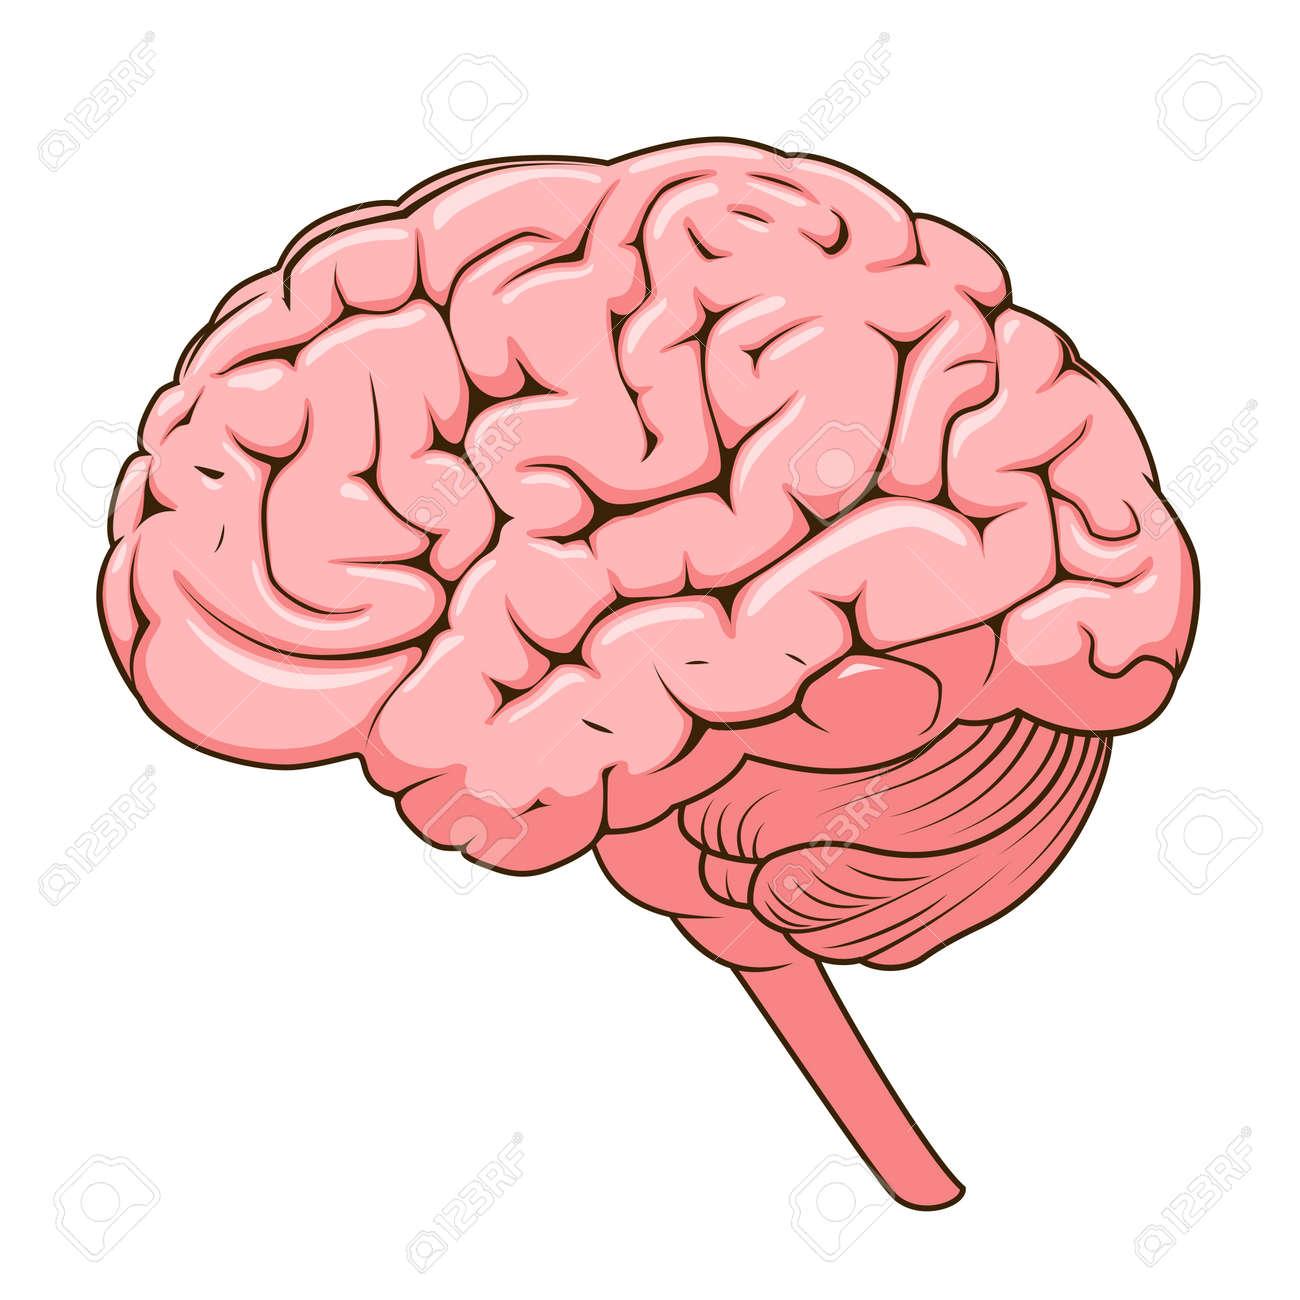 Magnífico Vista Sagital Del Cerebro Humano Marcado Patrón - Imágenes ...